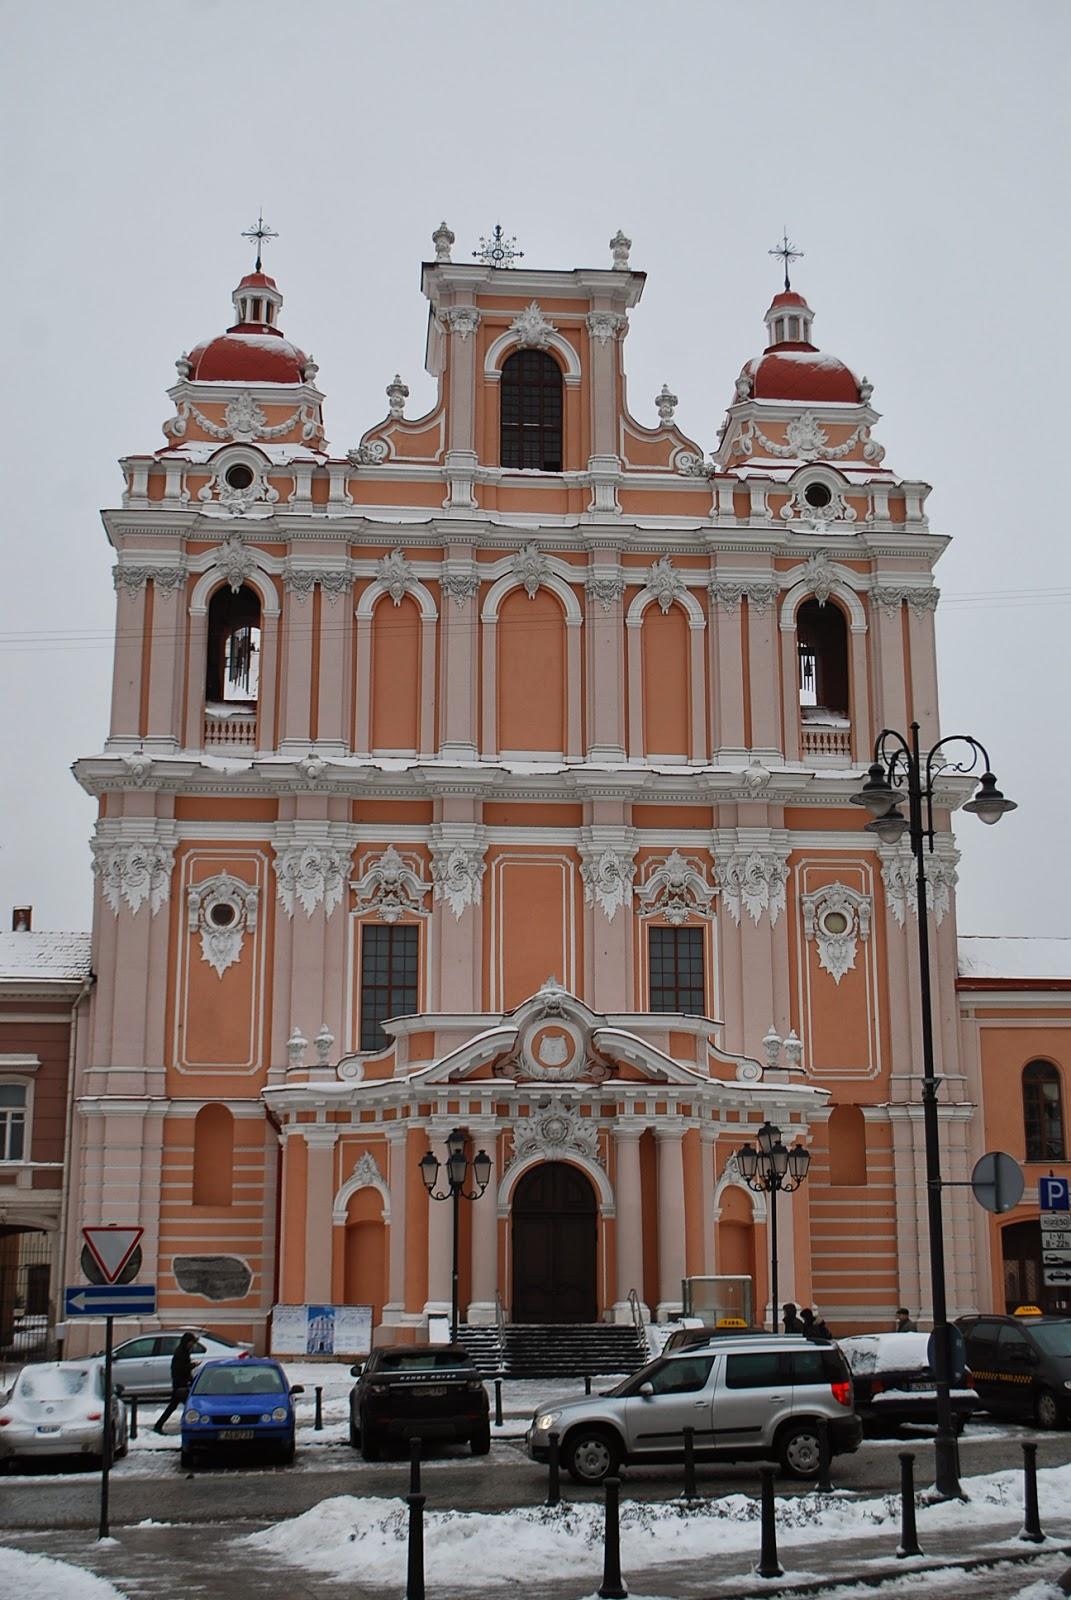 Костел св.Казимира, Вильнюс (st. Casimir's church, Vilnius).